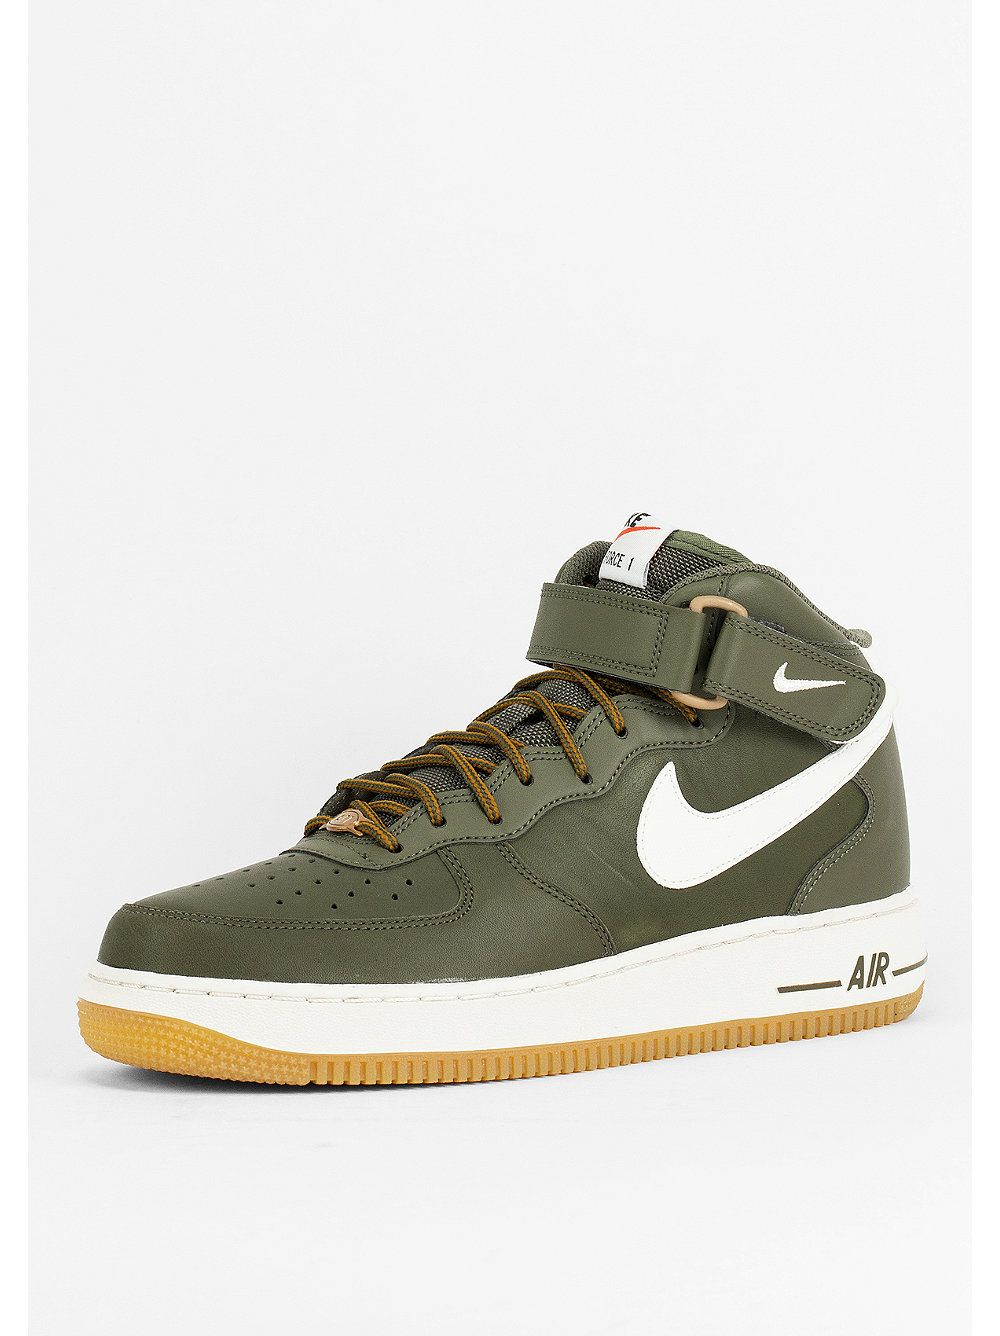 Nike Air Force De Schuh 1 Mi 07 D'olive / Voile / Gomme